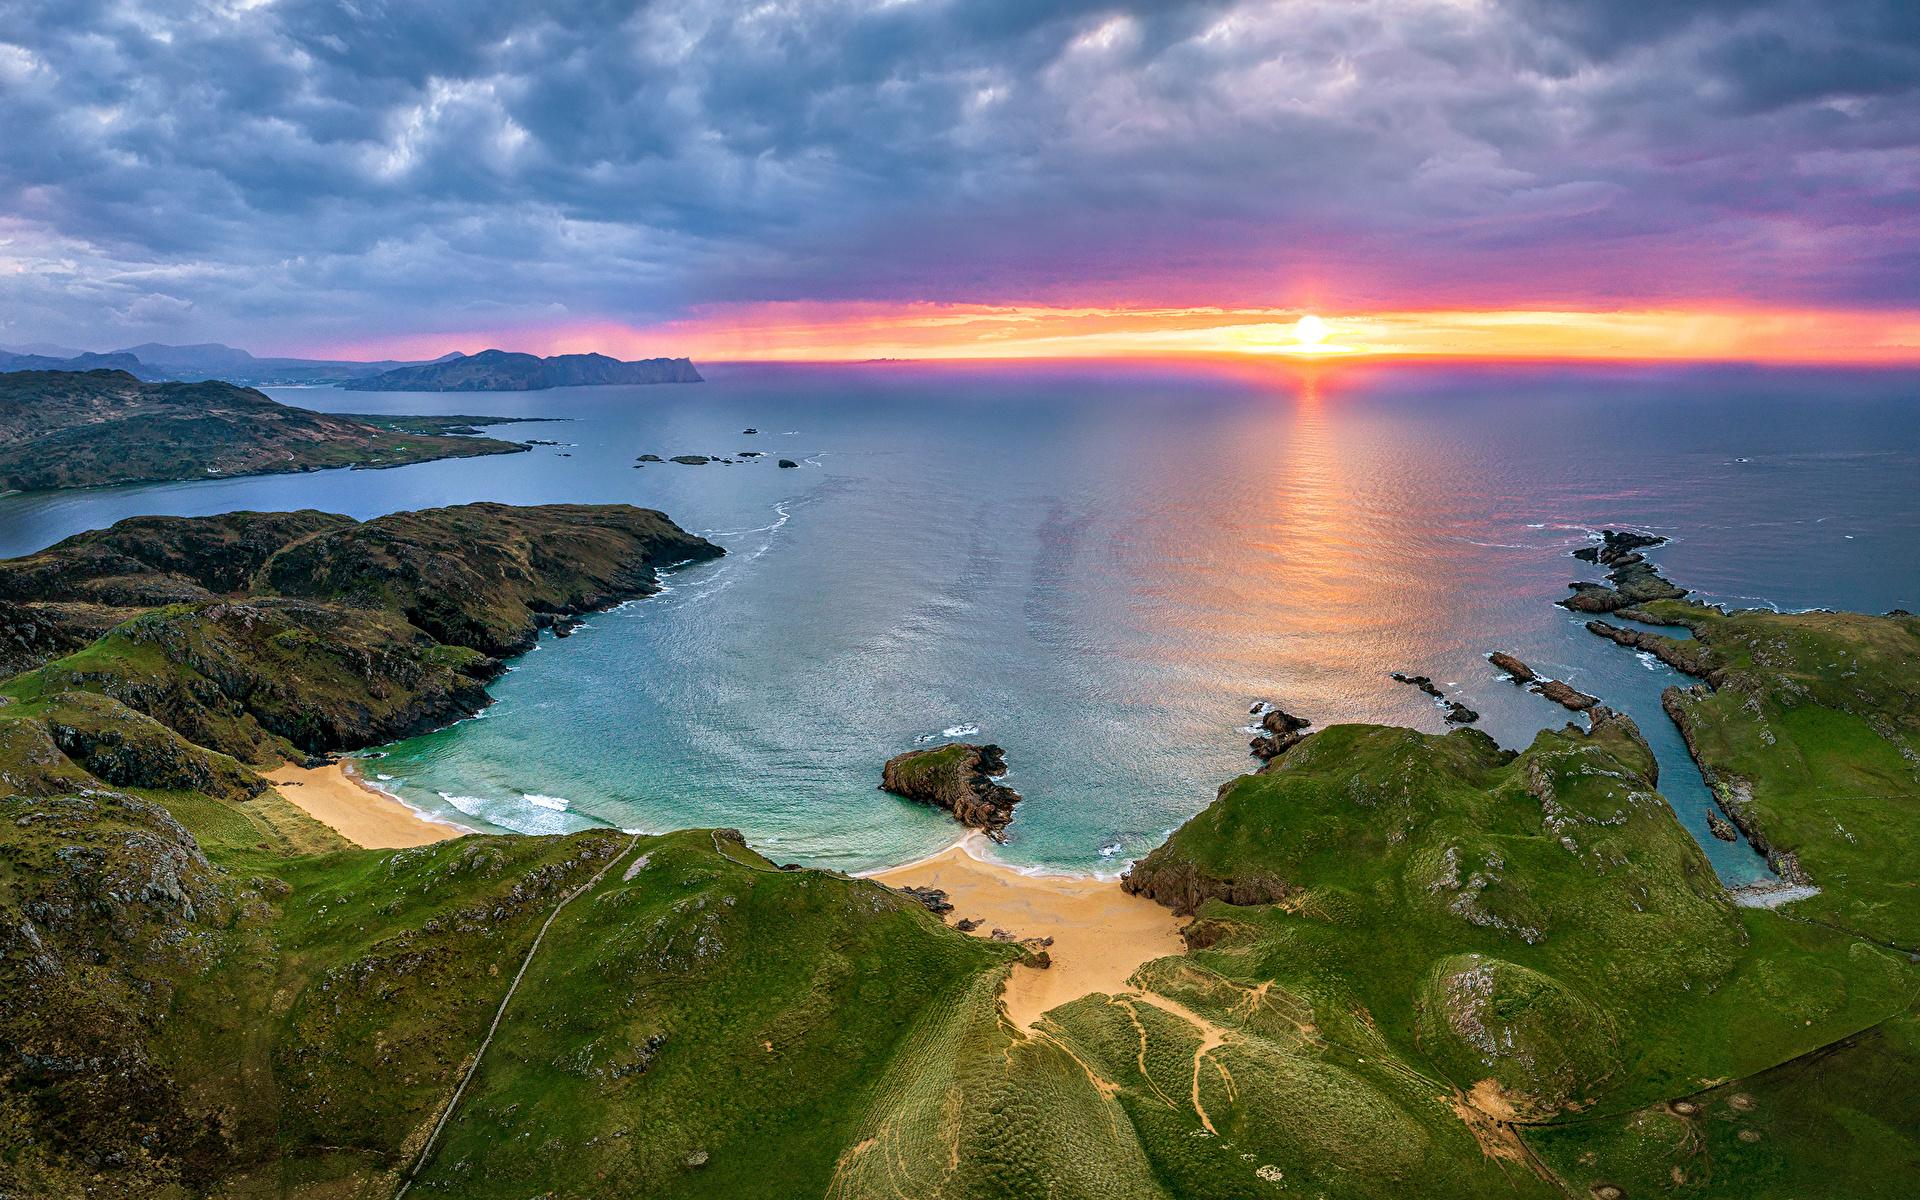 Foto Irland Donegal Natur Morgendämmerung und Sonnenuntergang Küste Wolke 1920x1200 Sonnenaufgänge und Sonnenuntergänge